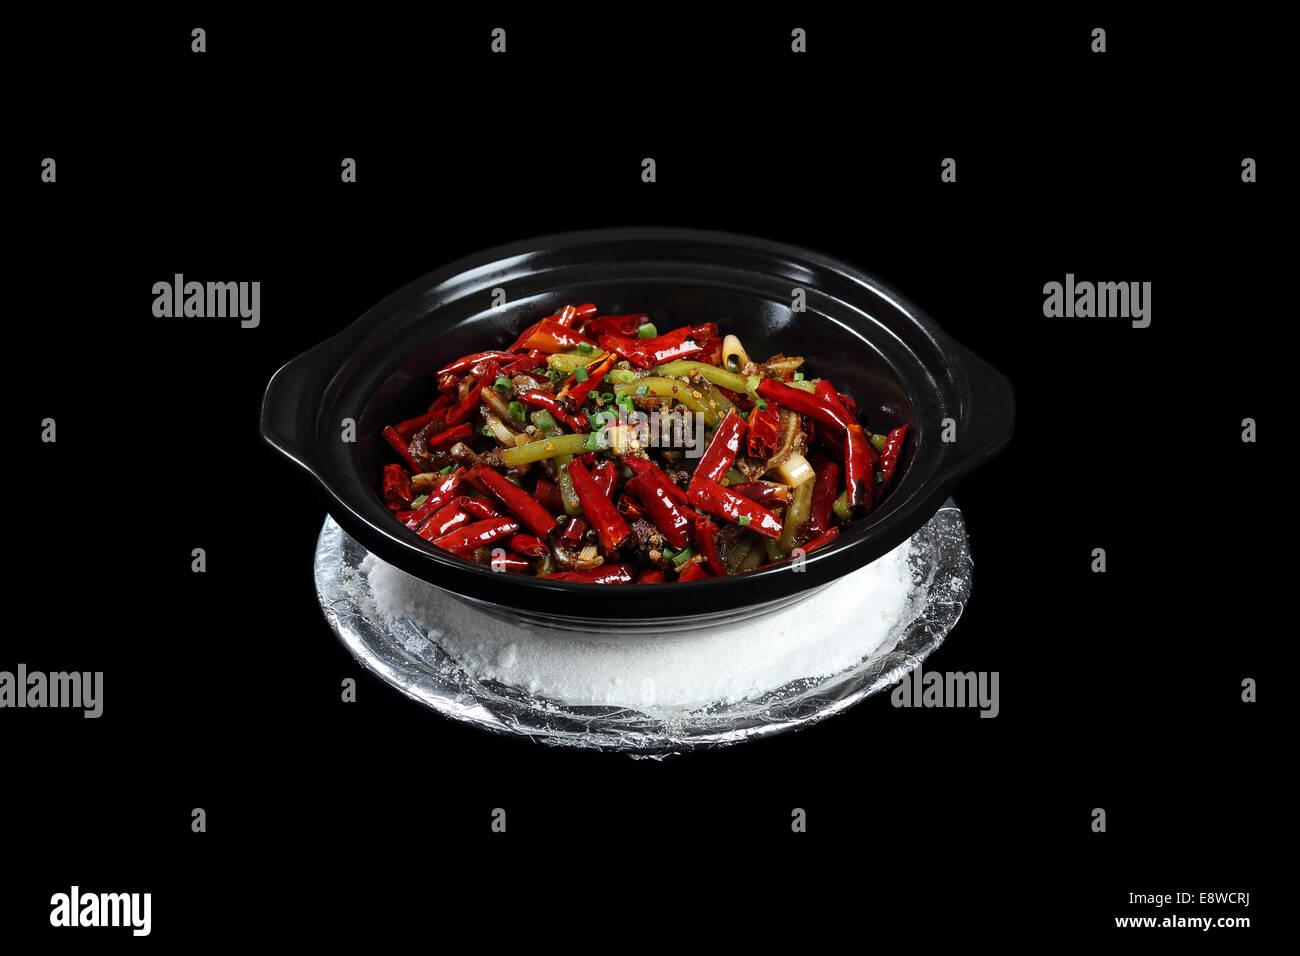 Chinesische Kuche Grillplatte Mond Knochen Stockfoto Bild 74317590